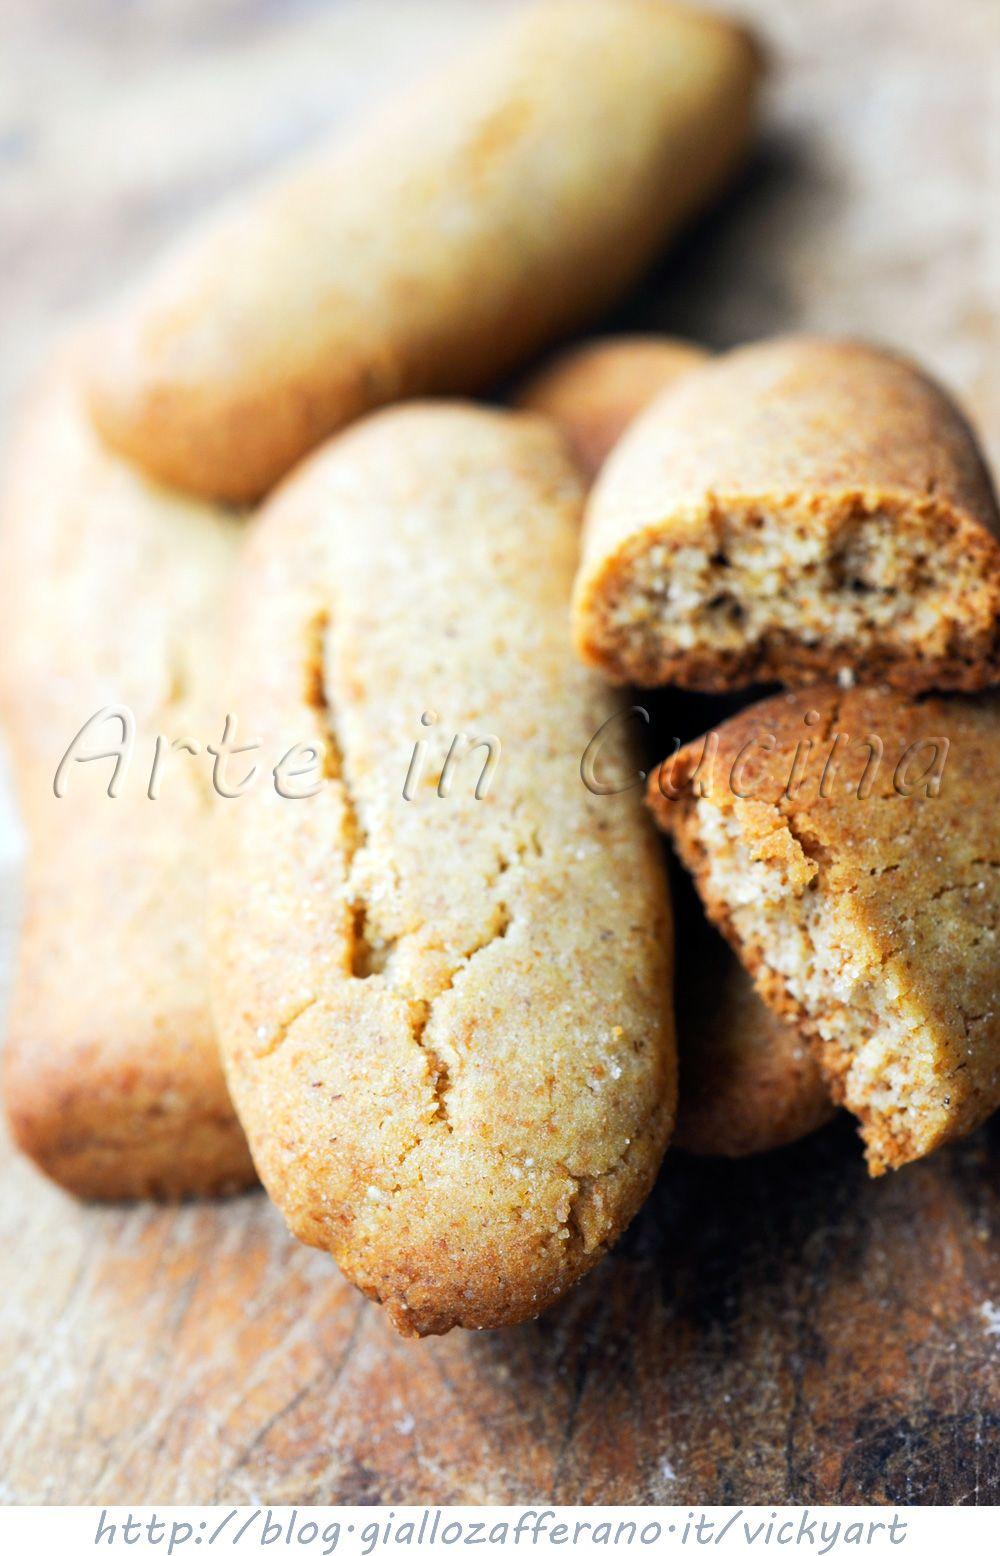 Biscuits complet avec du beurre de miel sans art vickyart même bimby dans  la cuisine